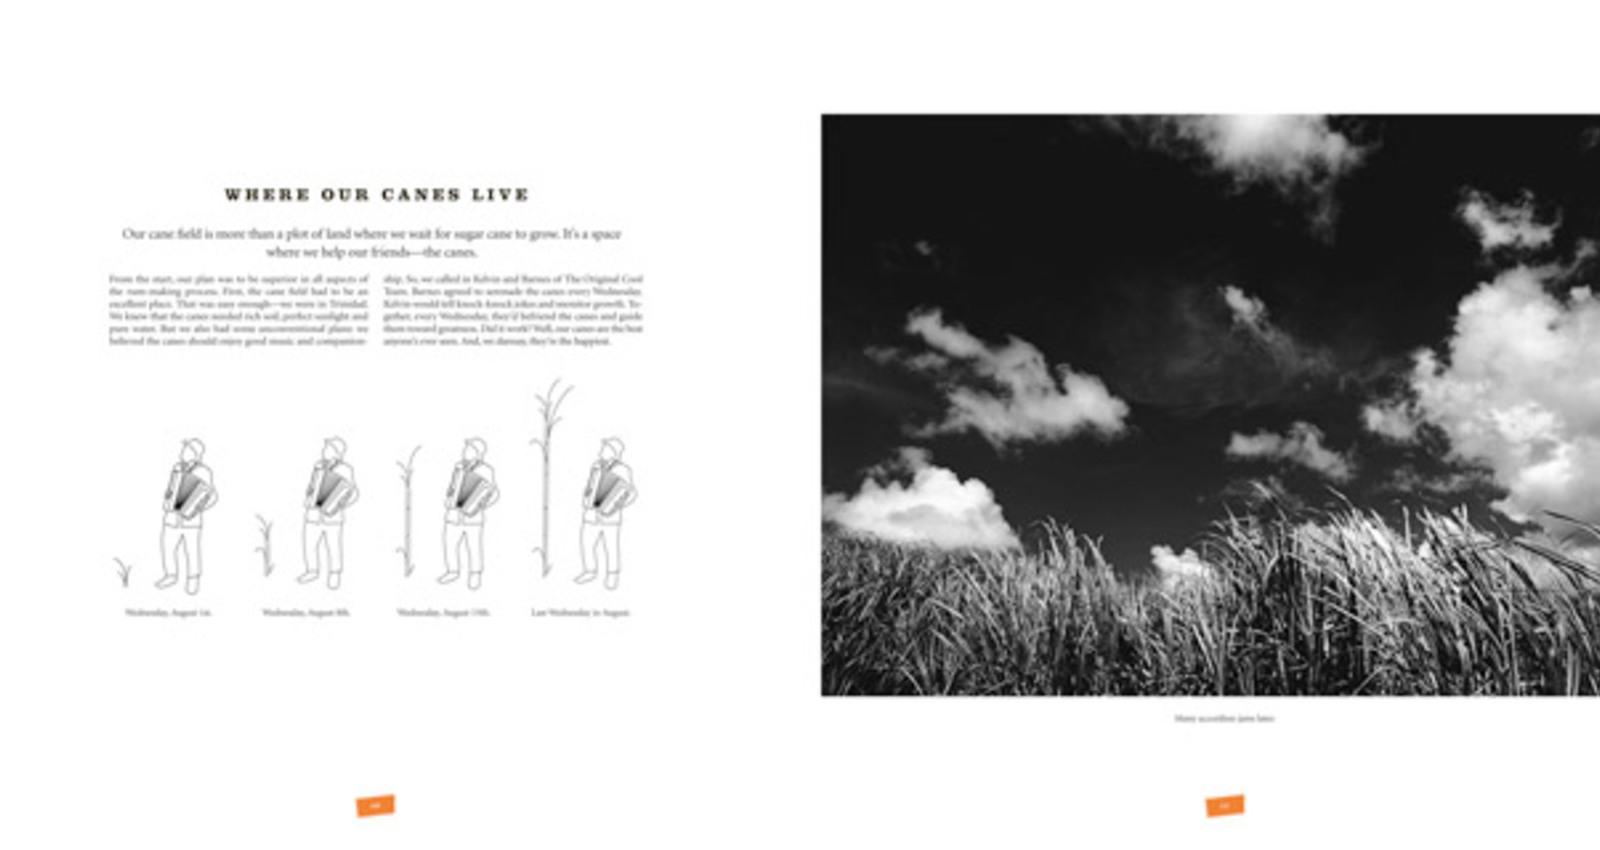 10 Cane Magazine